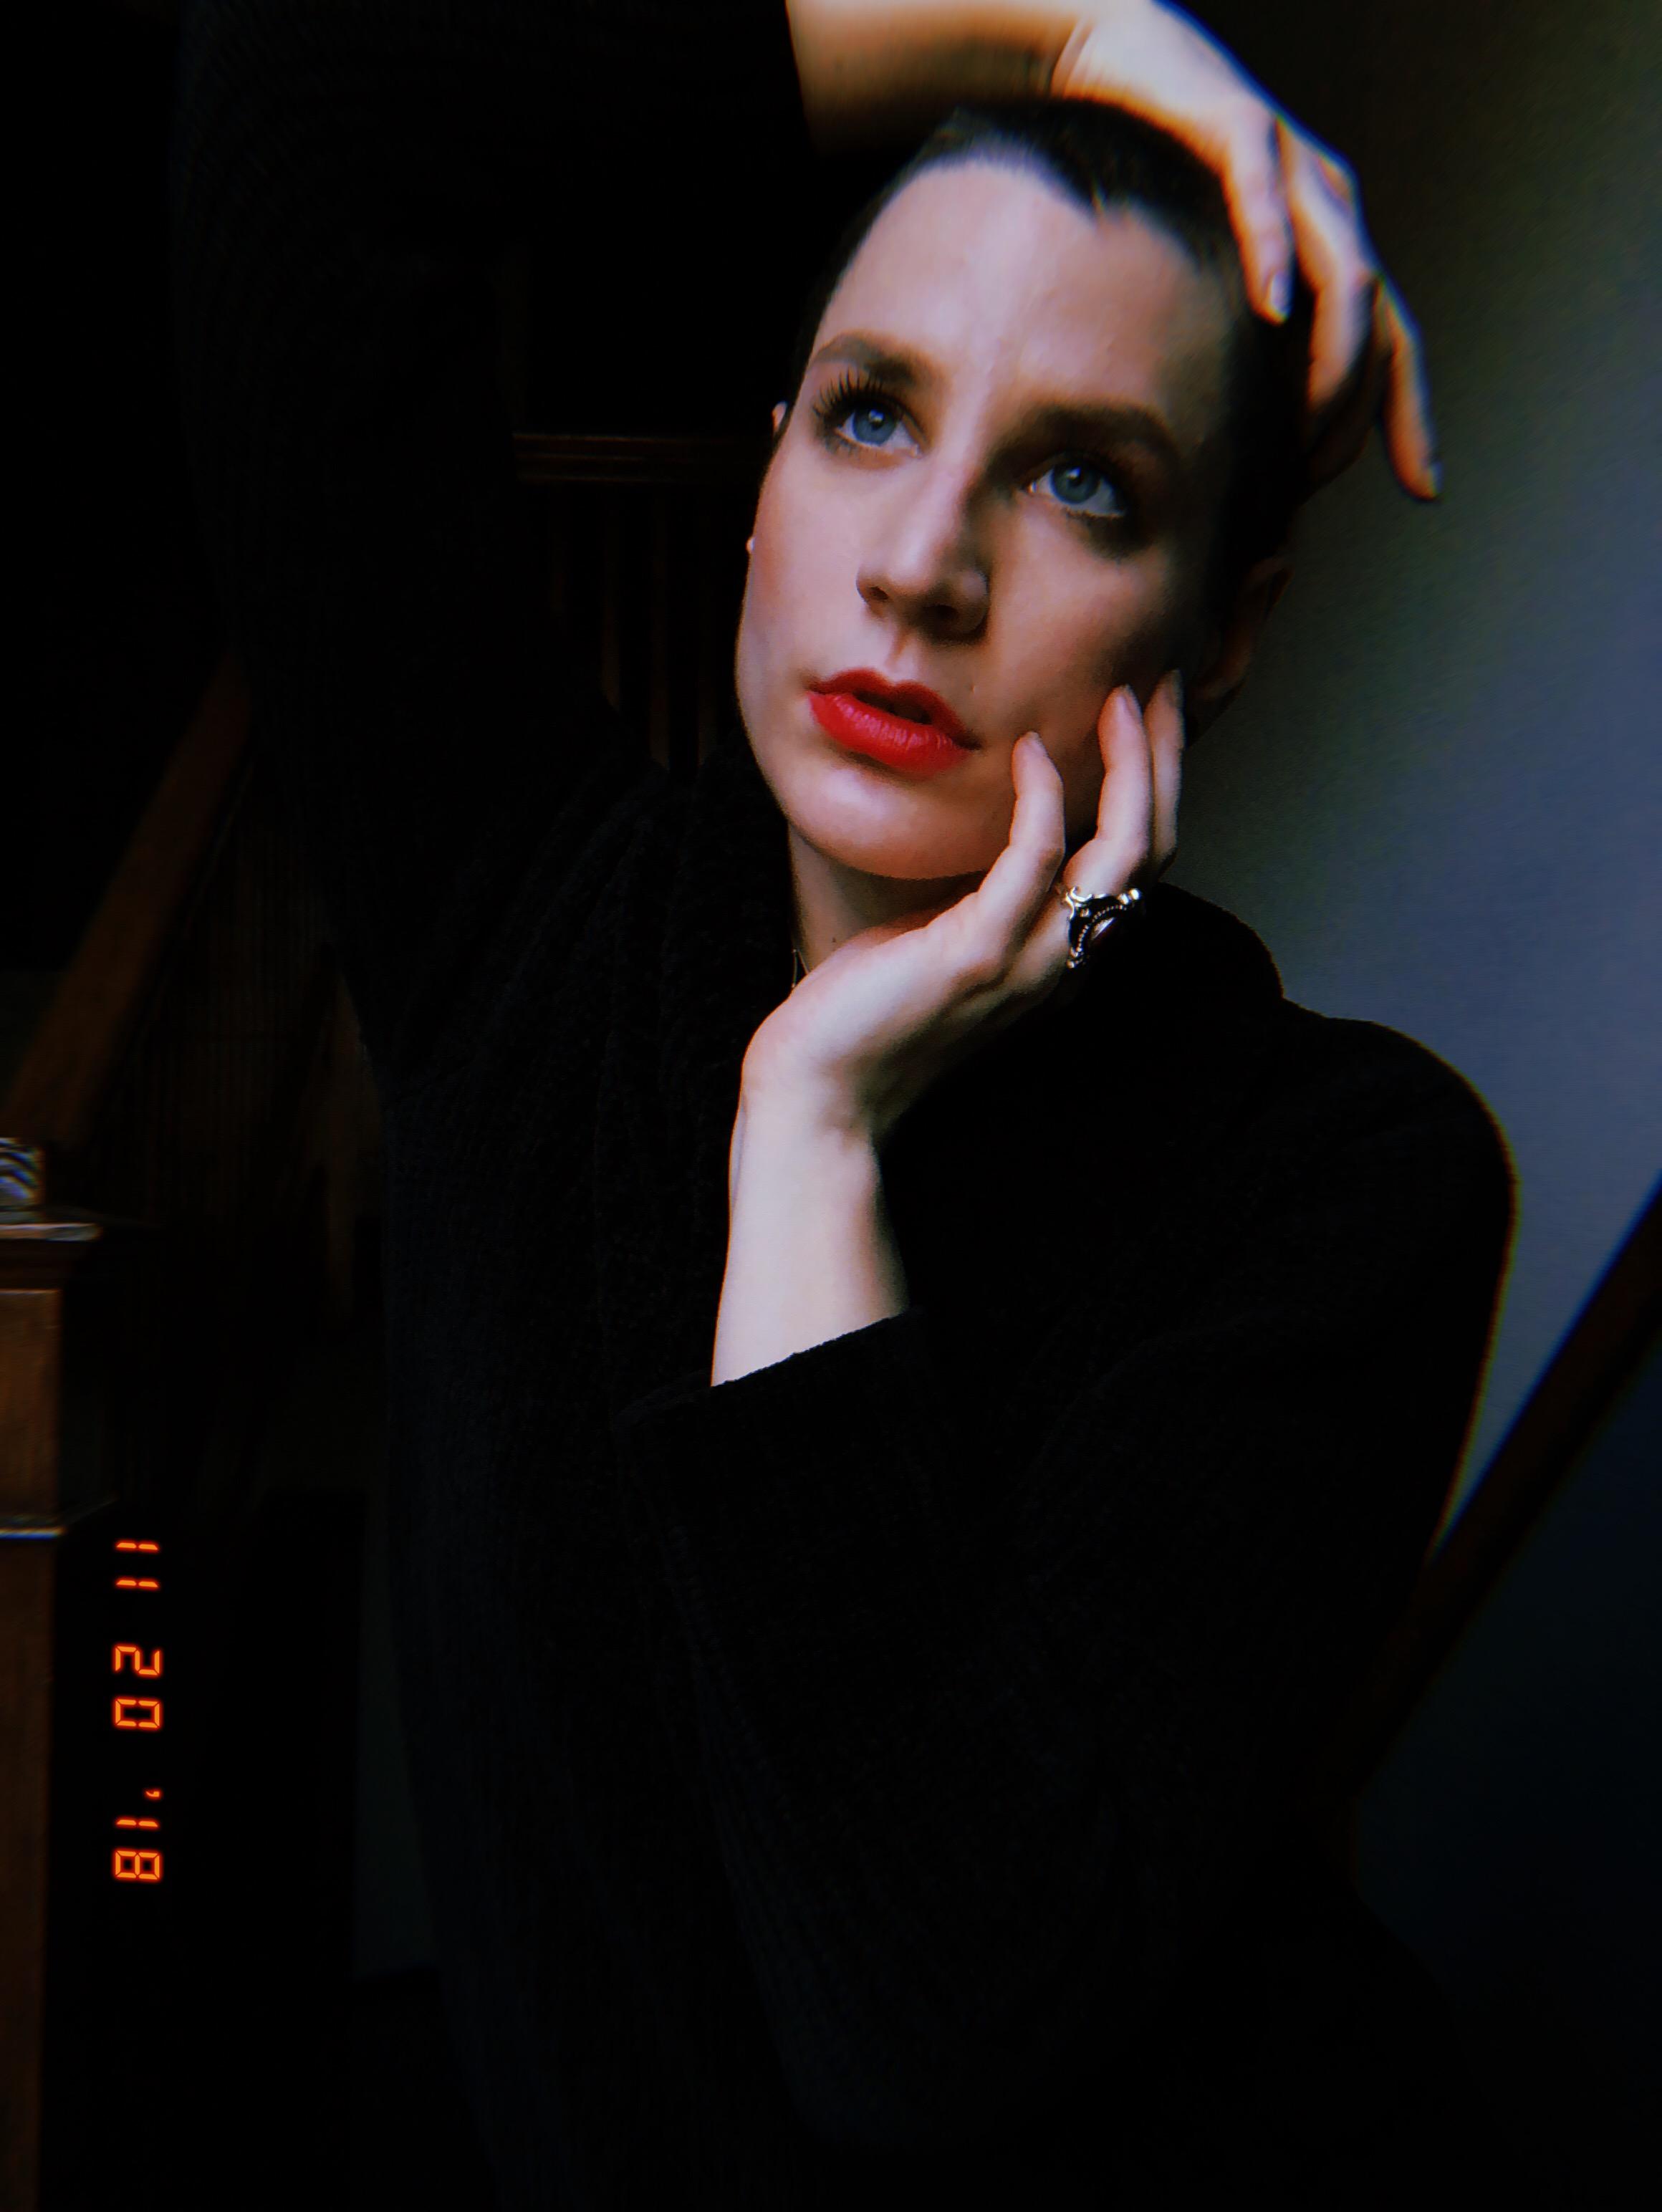 Erica McKeehen